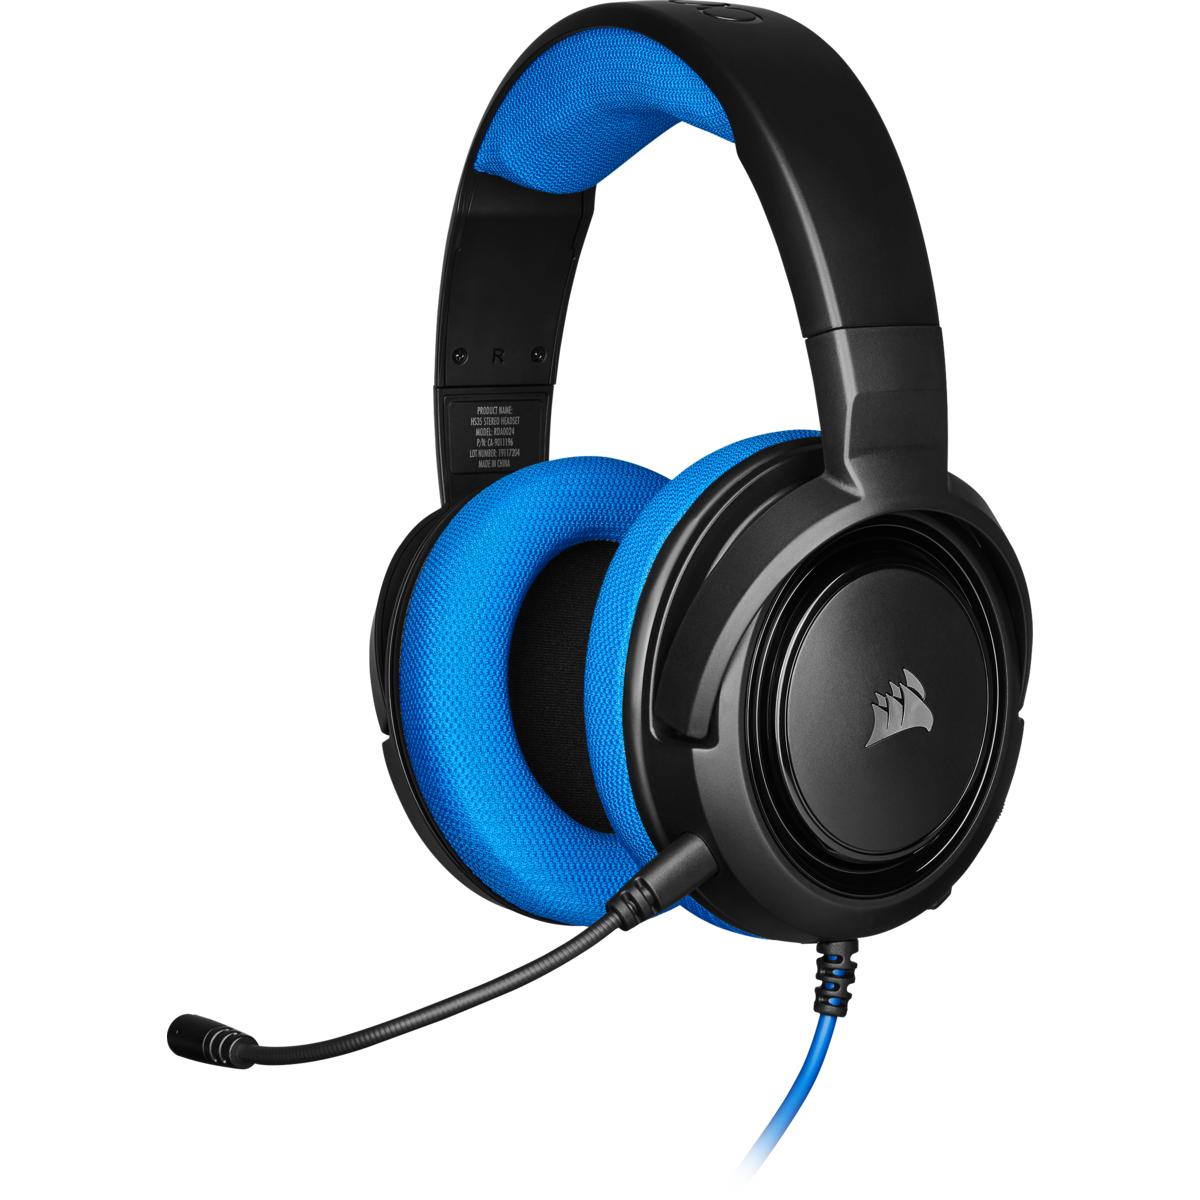 Hs35 Auriculares Diadema Negro, Azul Conector De 3,5 Mm